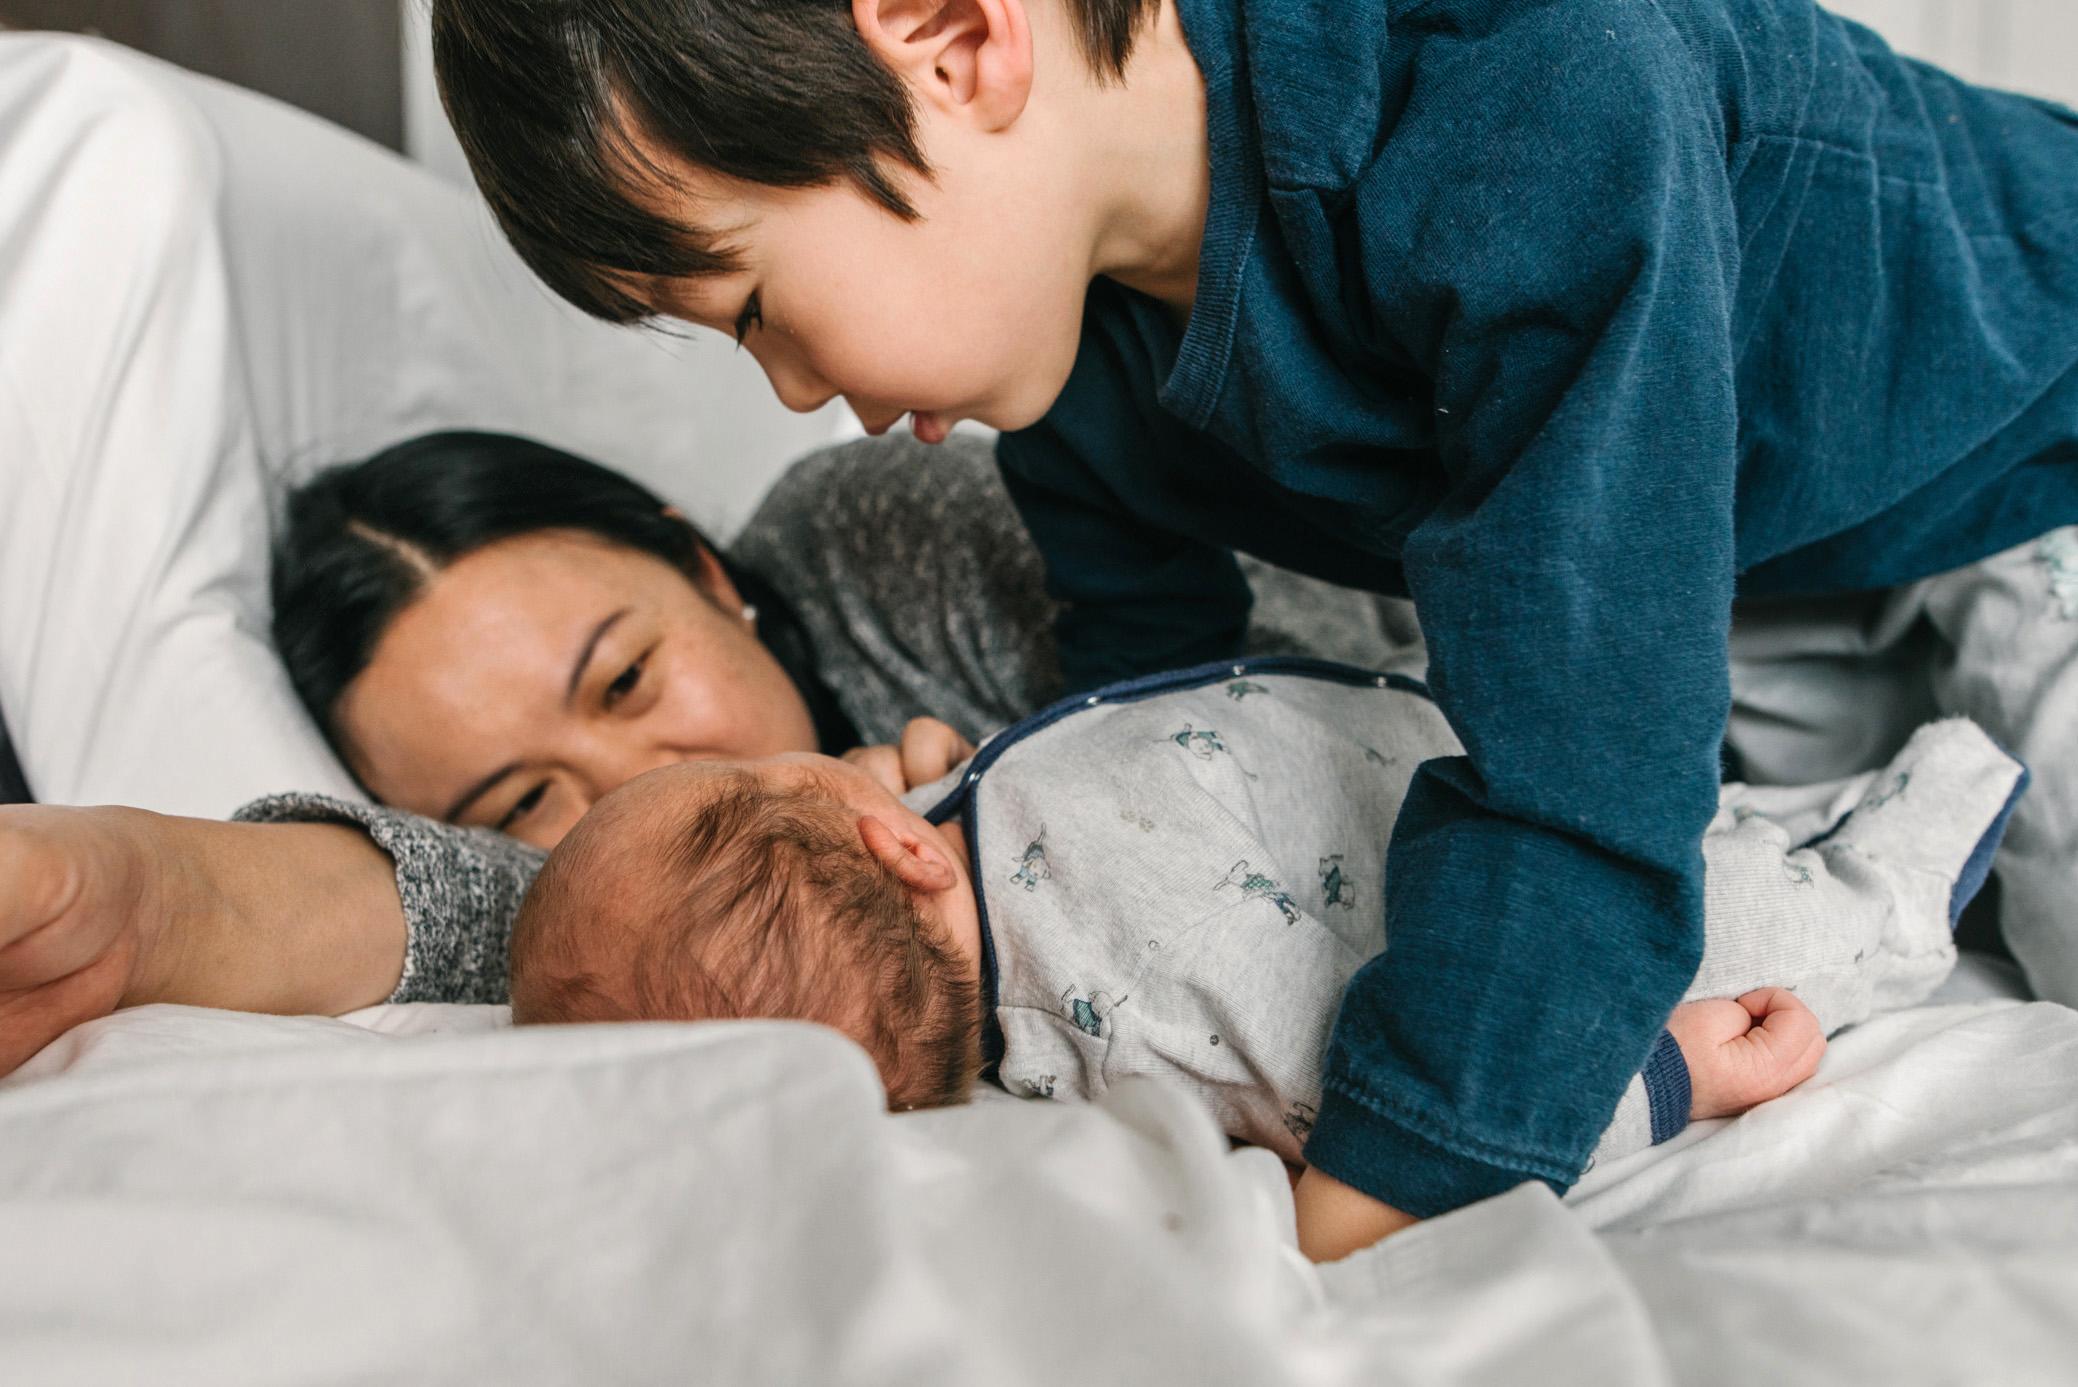 cindycavanagh-maternity-photos-in-sydney (13 of 39).JPG